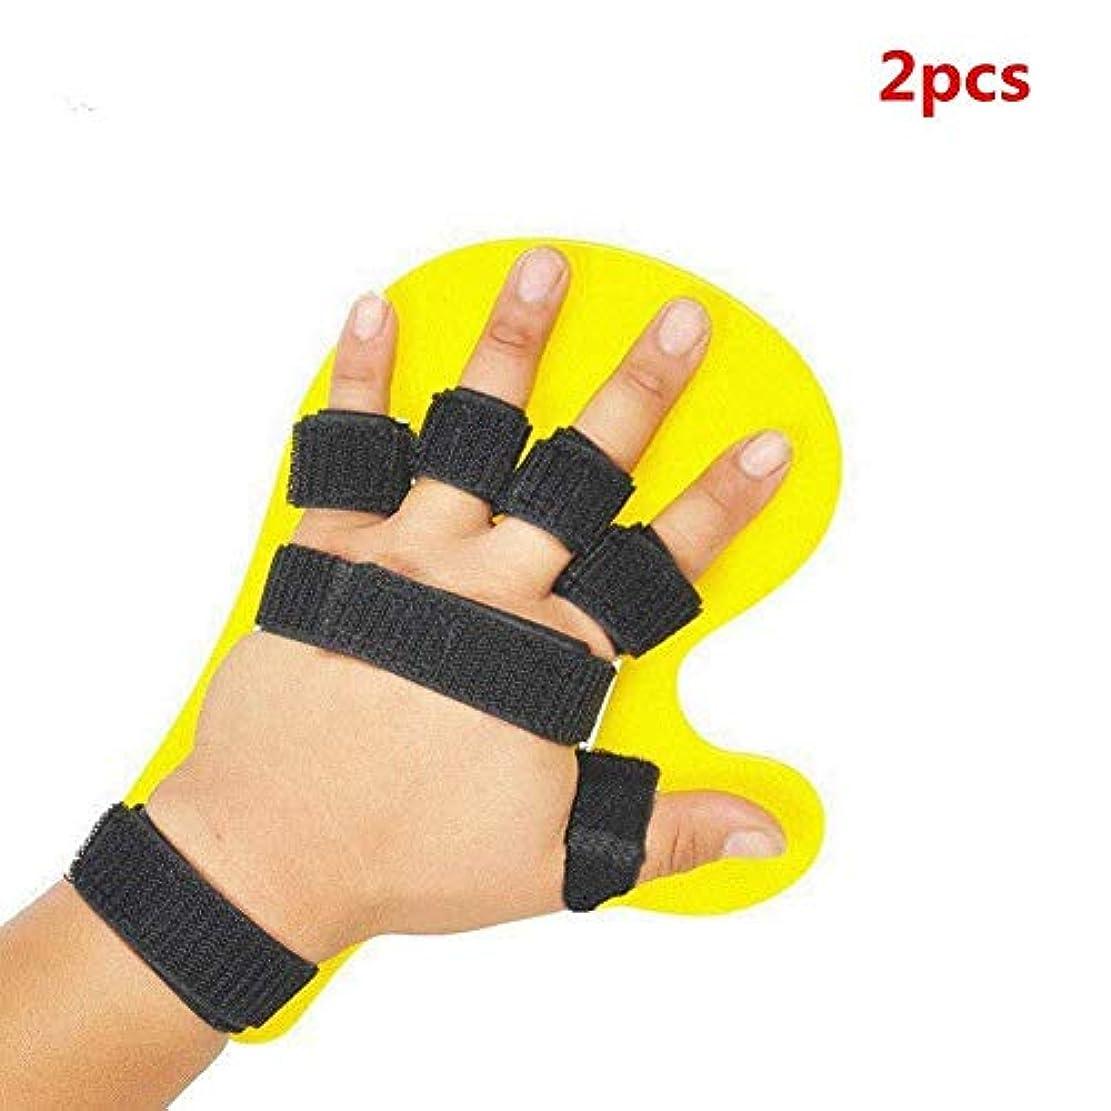 苦味嵐盲信指のトレーニングデバイス、ABS調整可能な大人の指装具の指/脳卒中/片麻痺/外傷性脳損傷理学療法2ポイント(左右ユニバーサル)